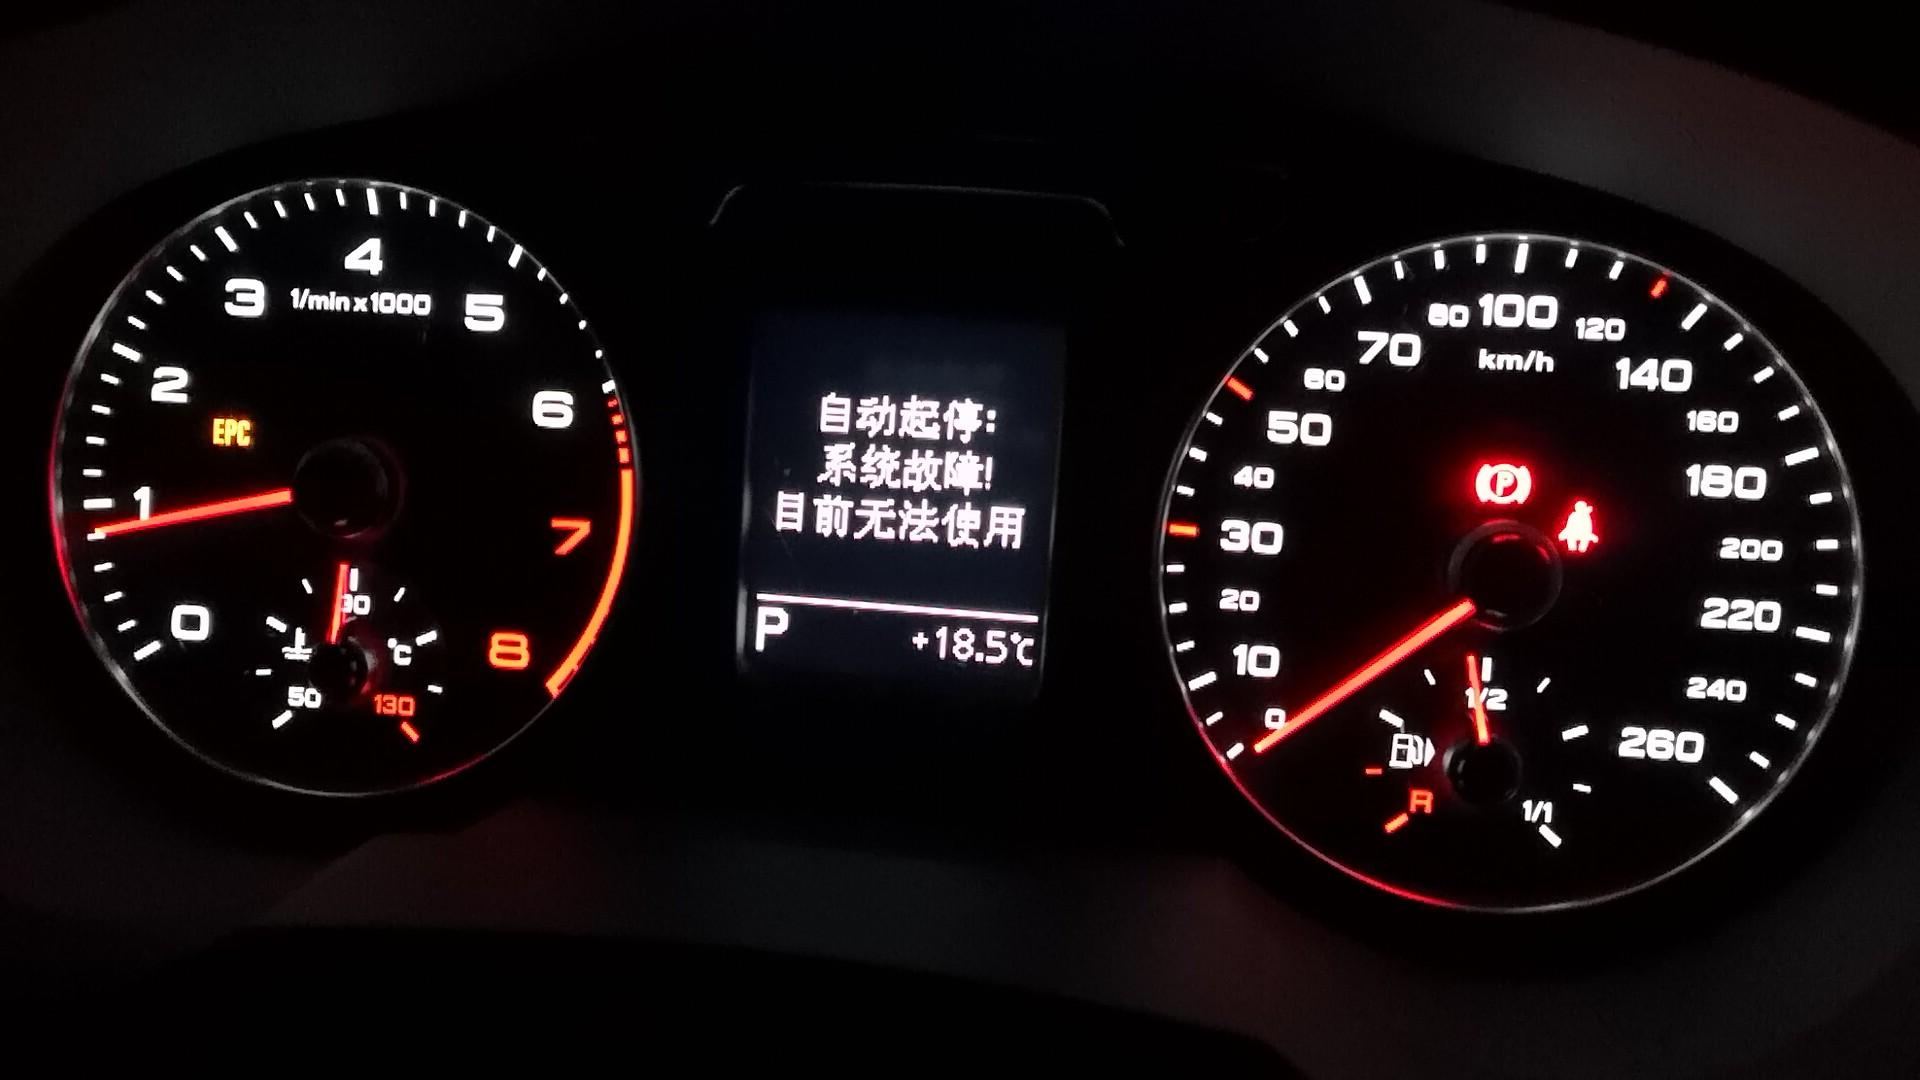 奥迪-奥迪Q3 买车当晚epc亮起,自动启停故障